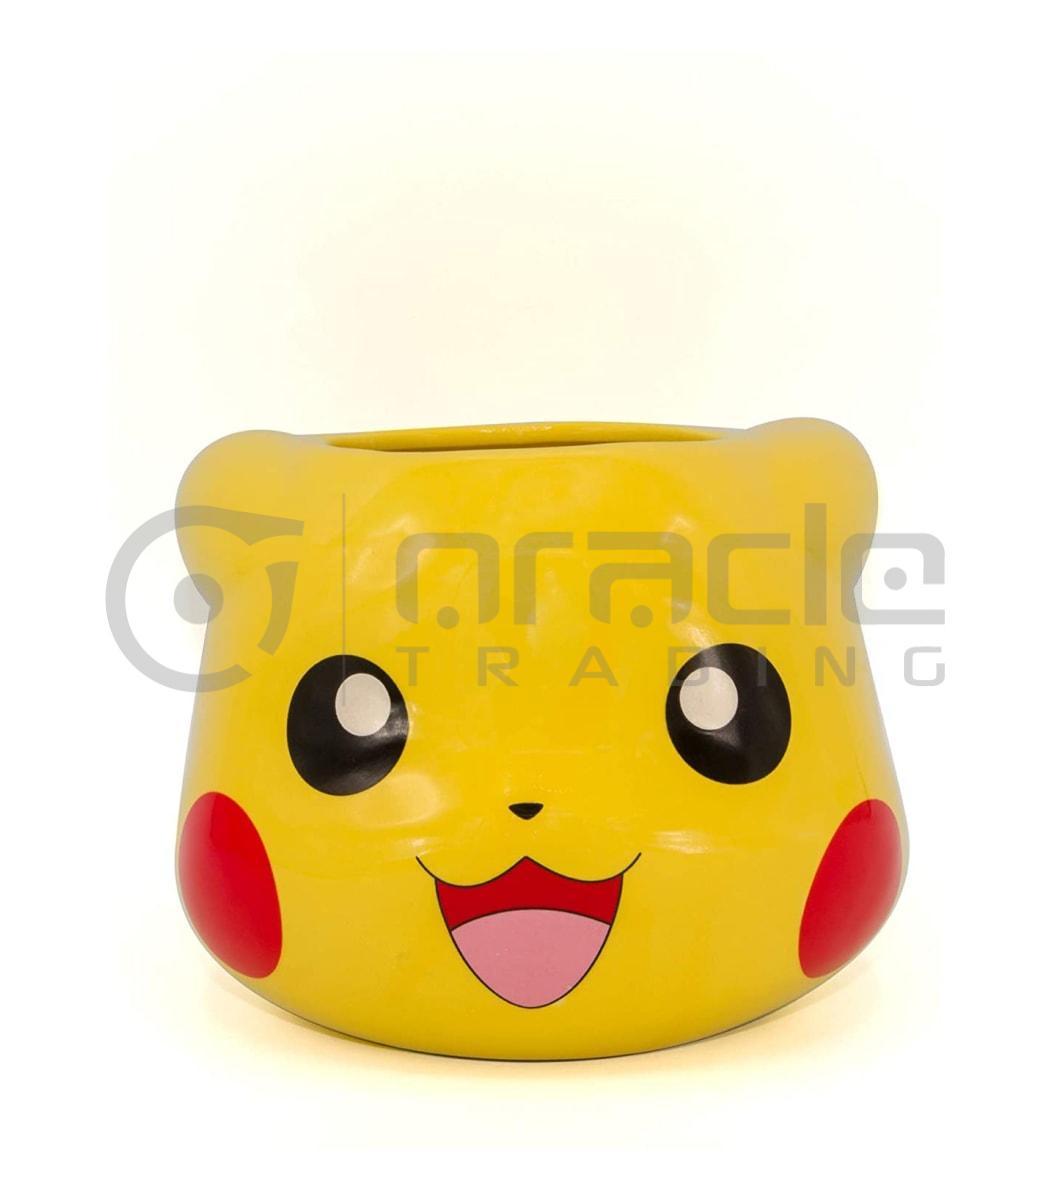 Pokémon 3D Shaped Mug - Pikachu